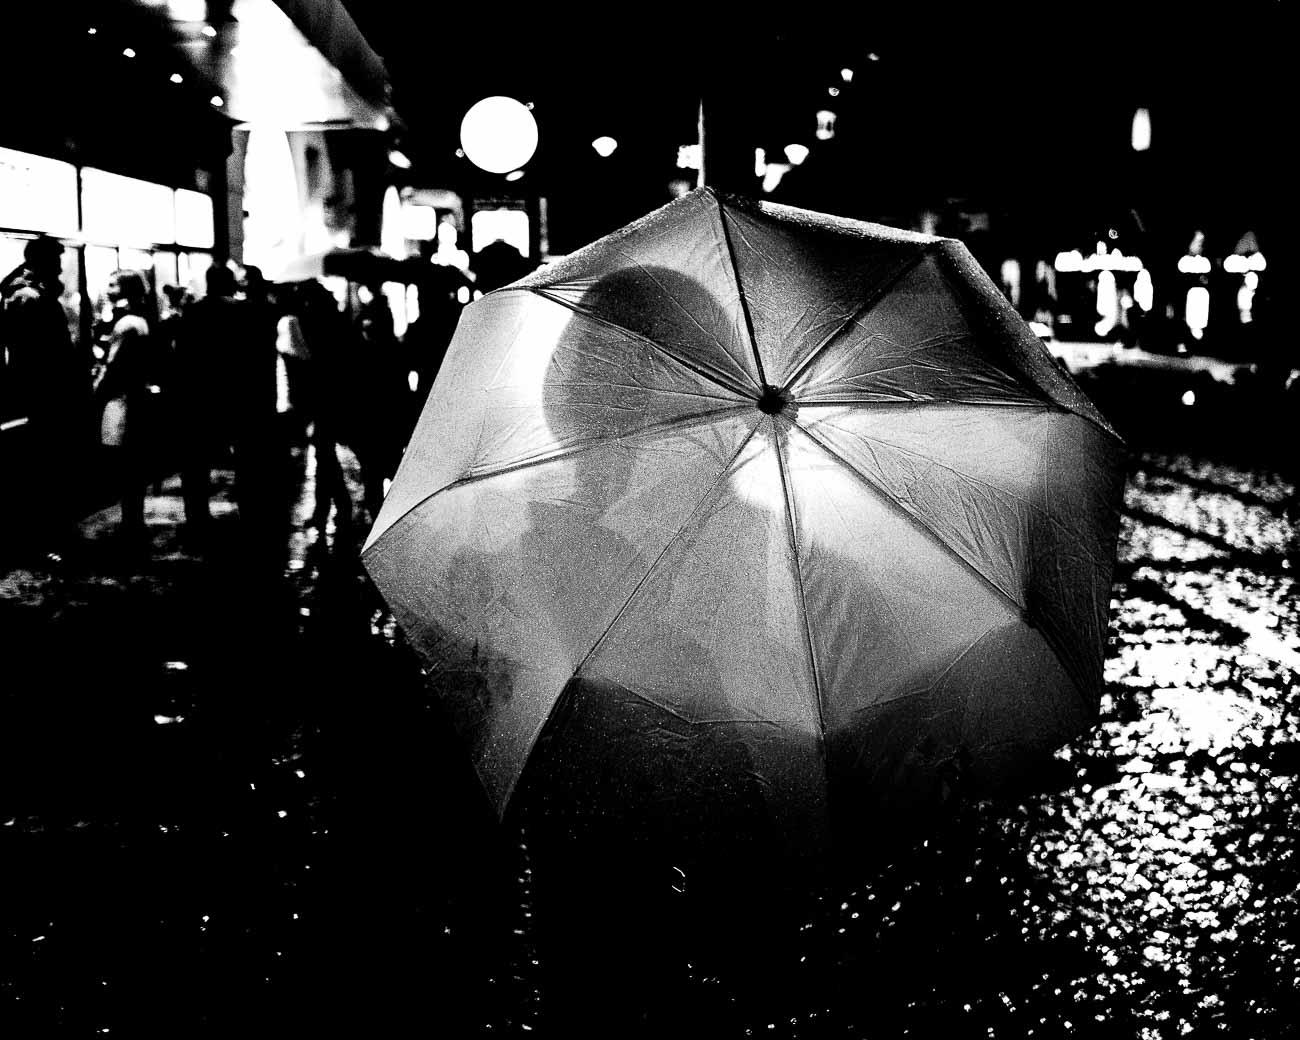 Streetfotografie Regen Martin U Waltz